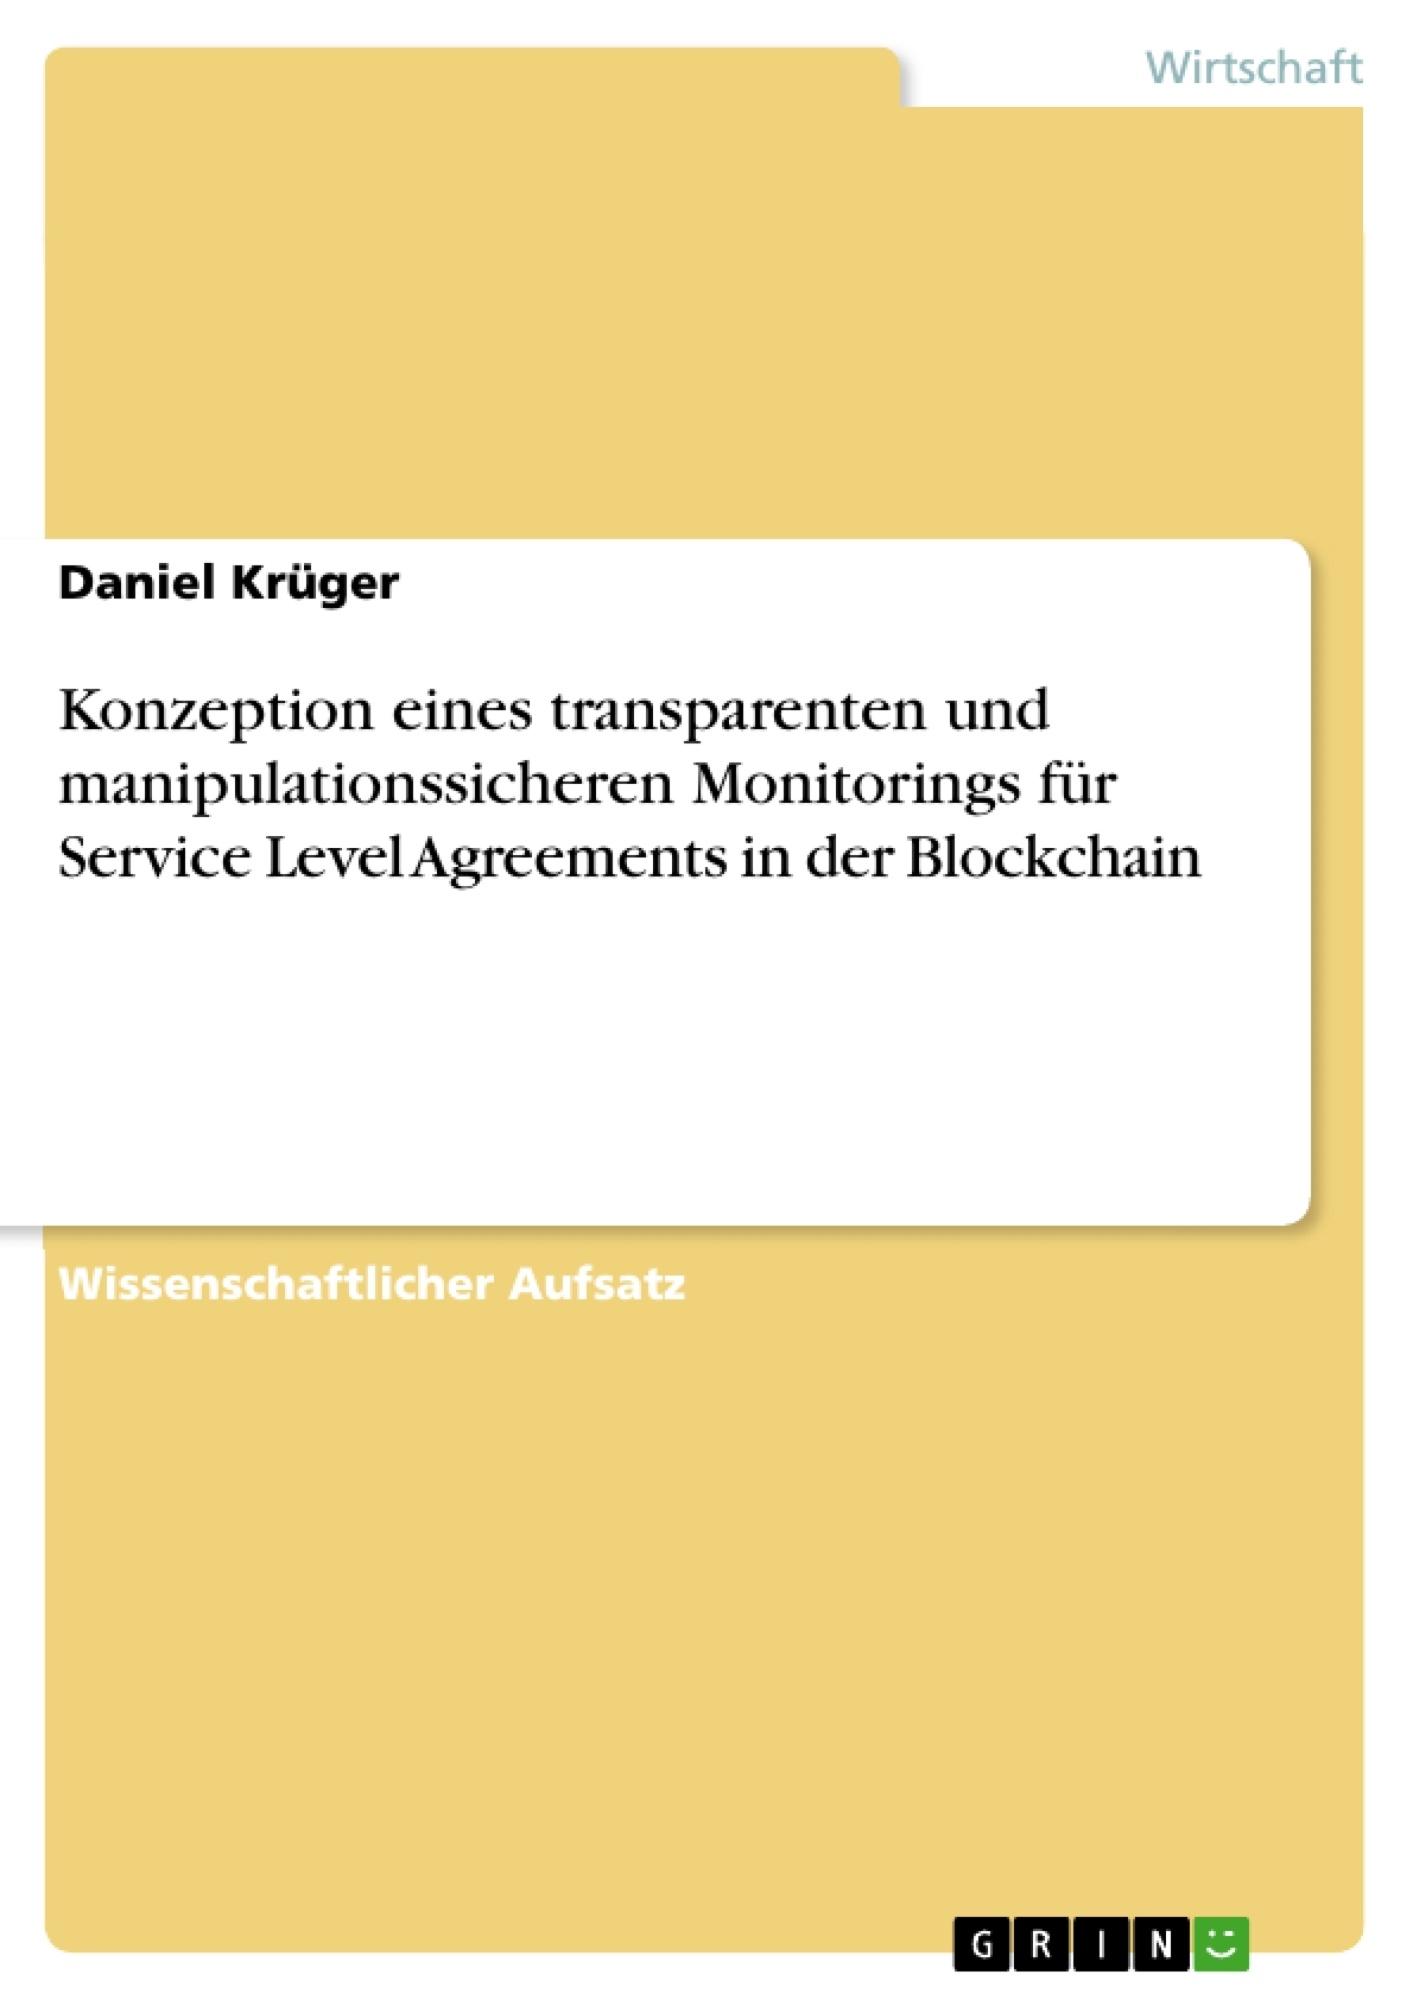 Titel: Konzeption eines transparenten und manipulationssicheren Monitorings für Service Level Agreements in der Blockchain